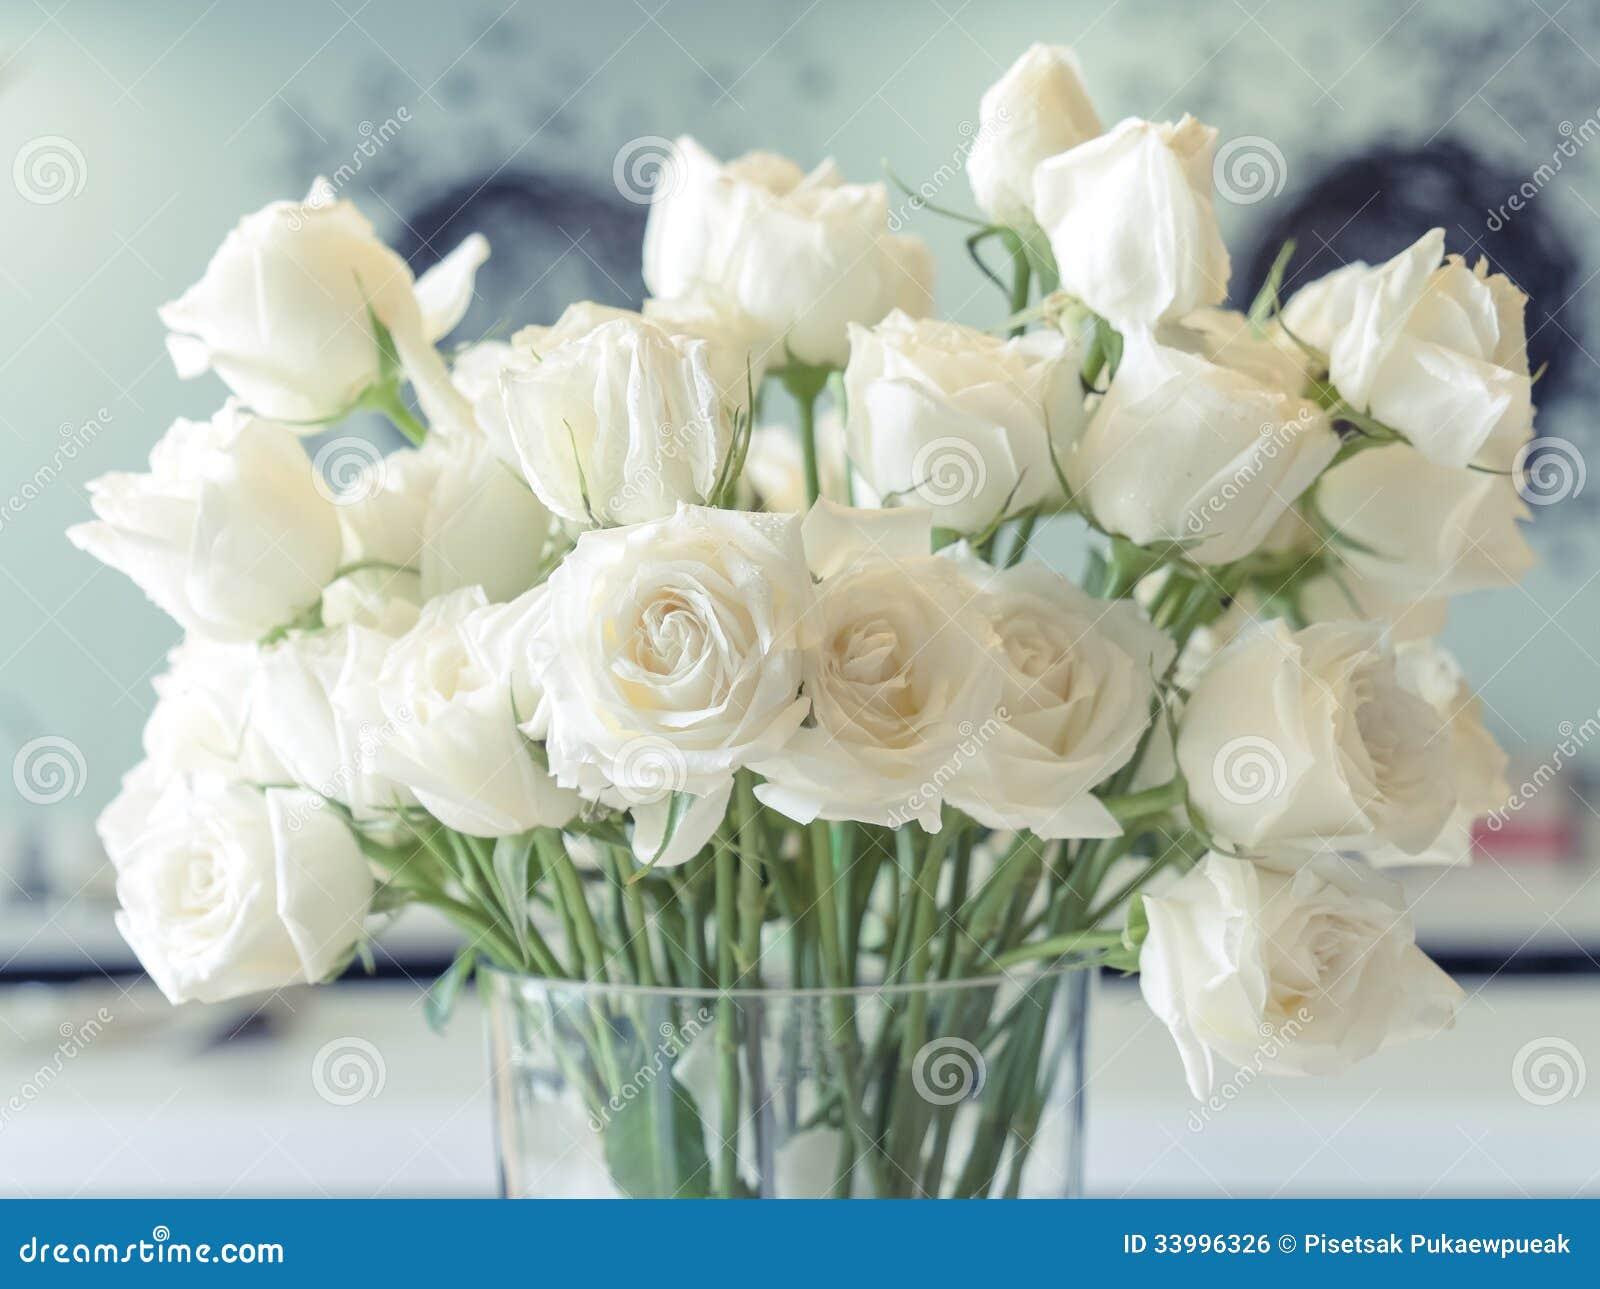 Скачать картинку розы белые